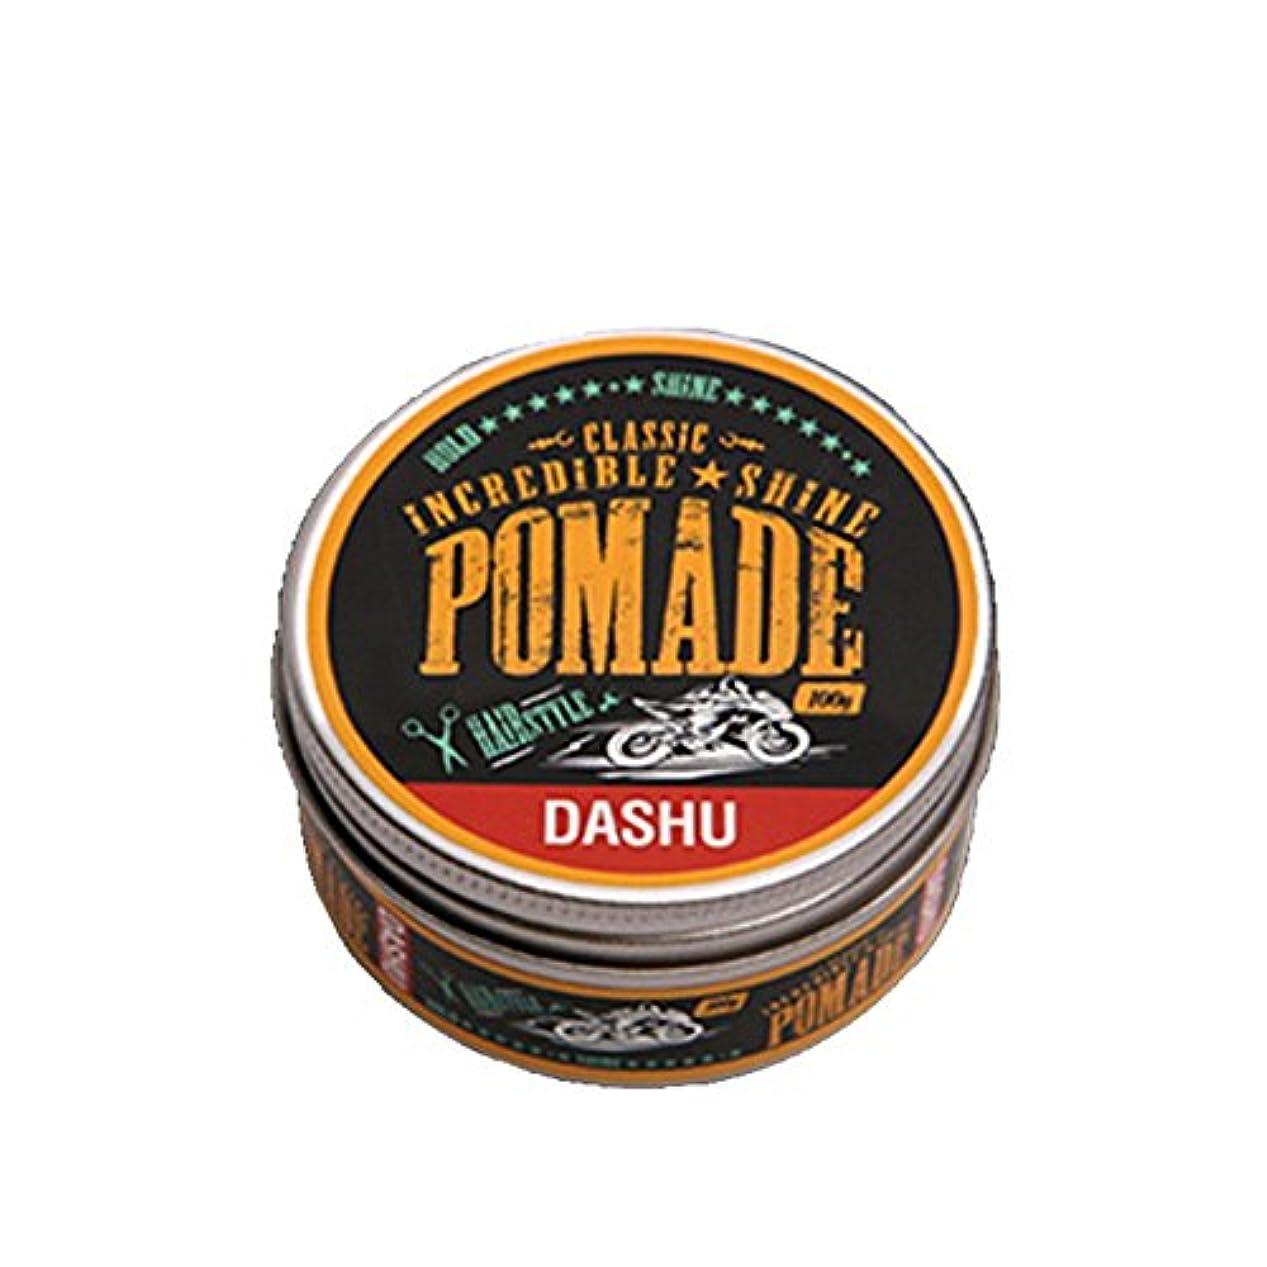 申し込むジョガーチャート[DASHU] ダシュ クラシック 信じられないほどの輝き ポマードワックス Classic Incredible Shine Pomade Hair Wax 100ml / 韓国製 . 韓国直送品